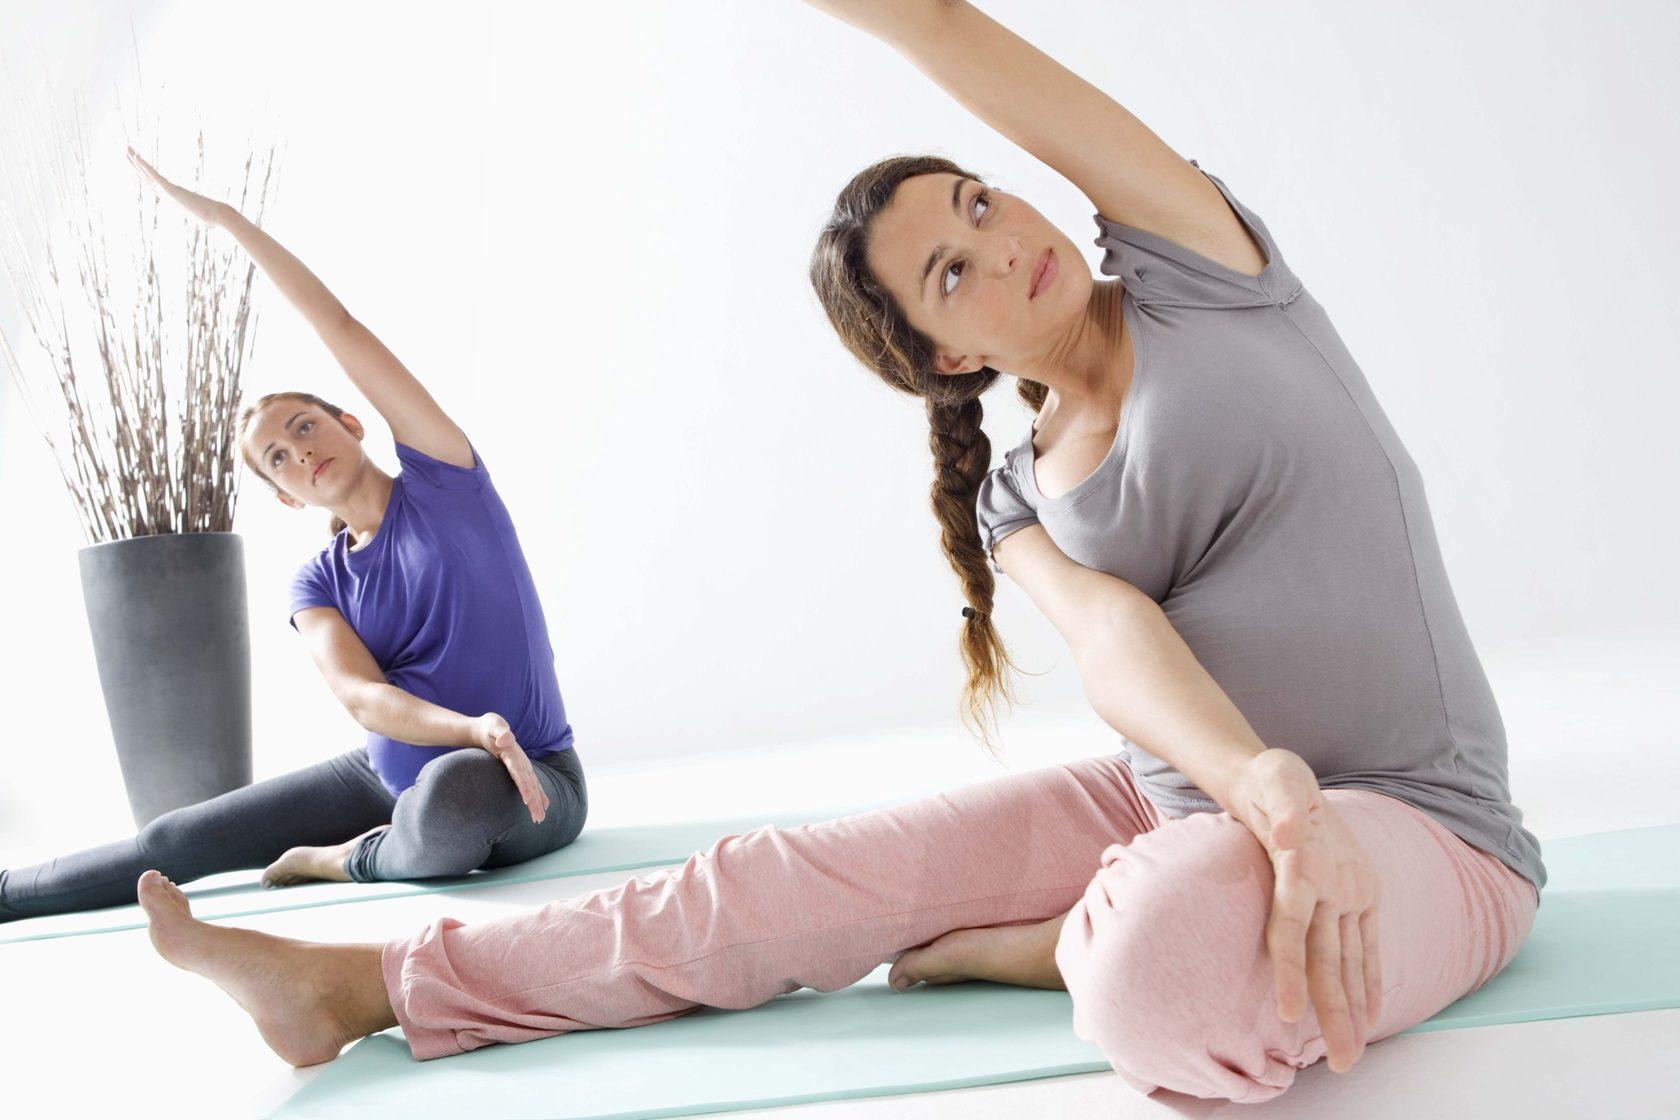 Обучение йоге для беременных